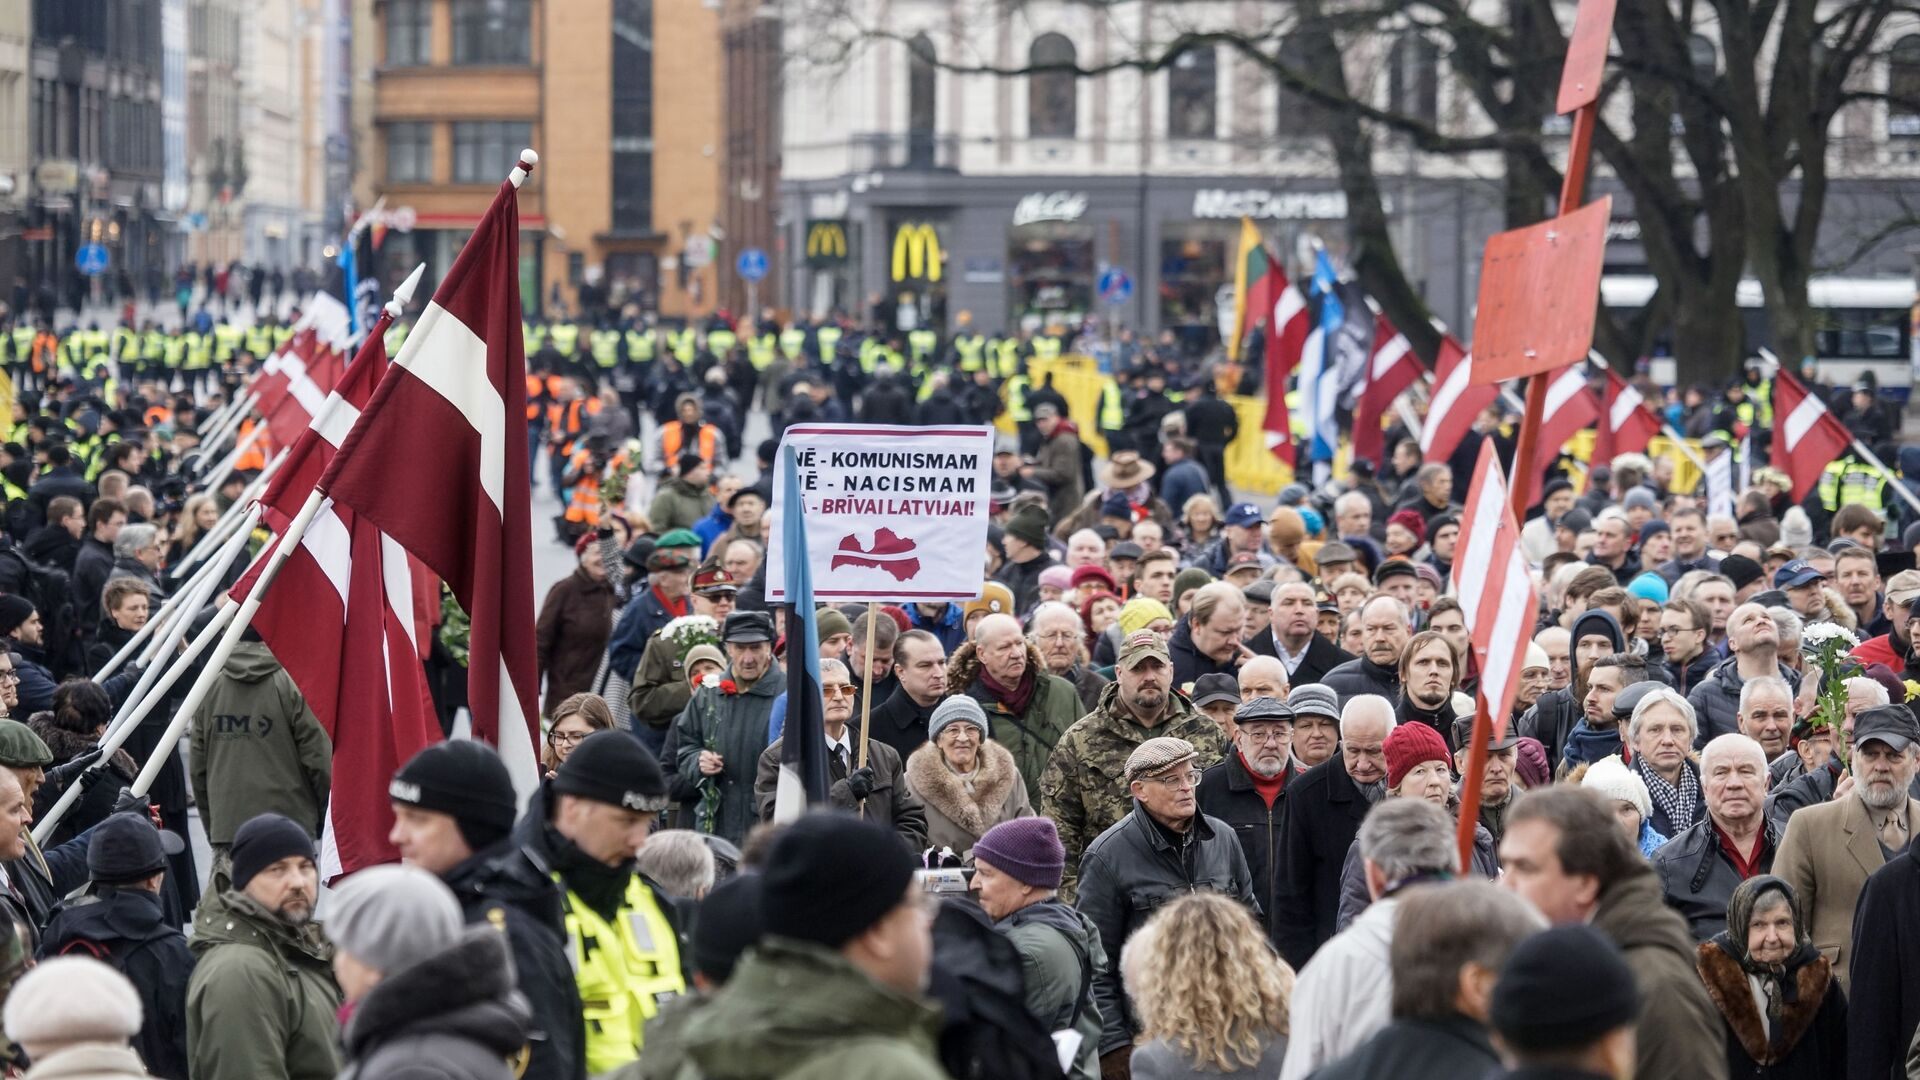 Шествие легионеров в Риге 16 марта 2019 - Sputnik Латвия, 1920, 08.09.2021